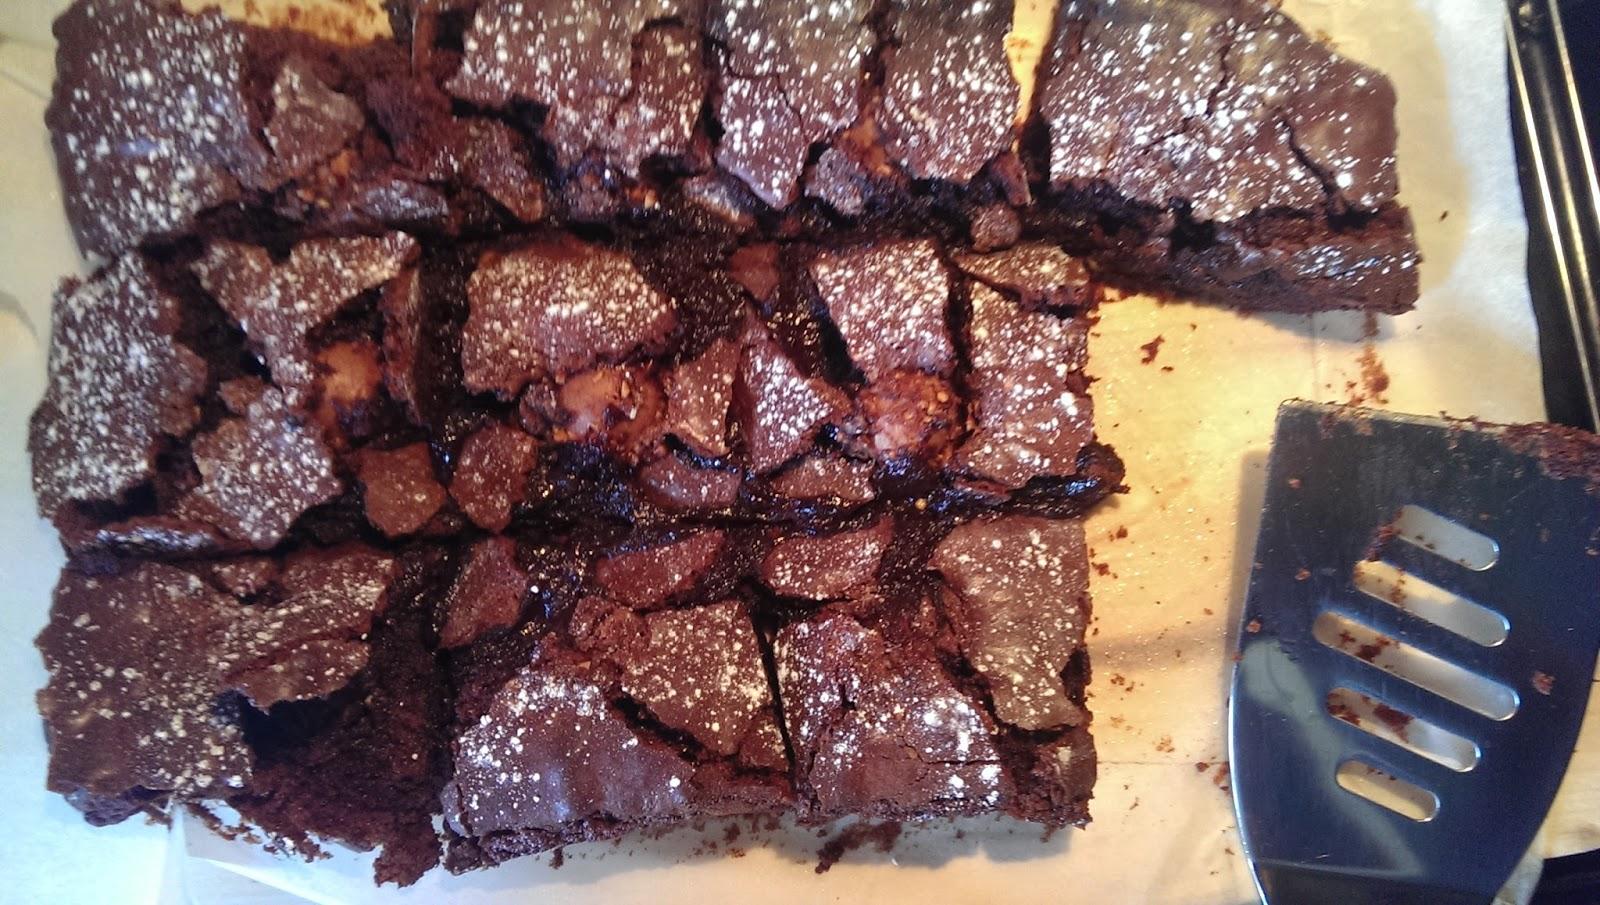 Cooked Ferrero Rocher brownies